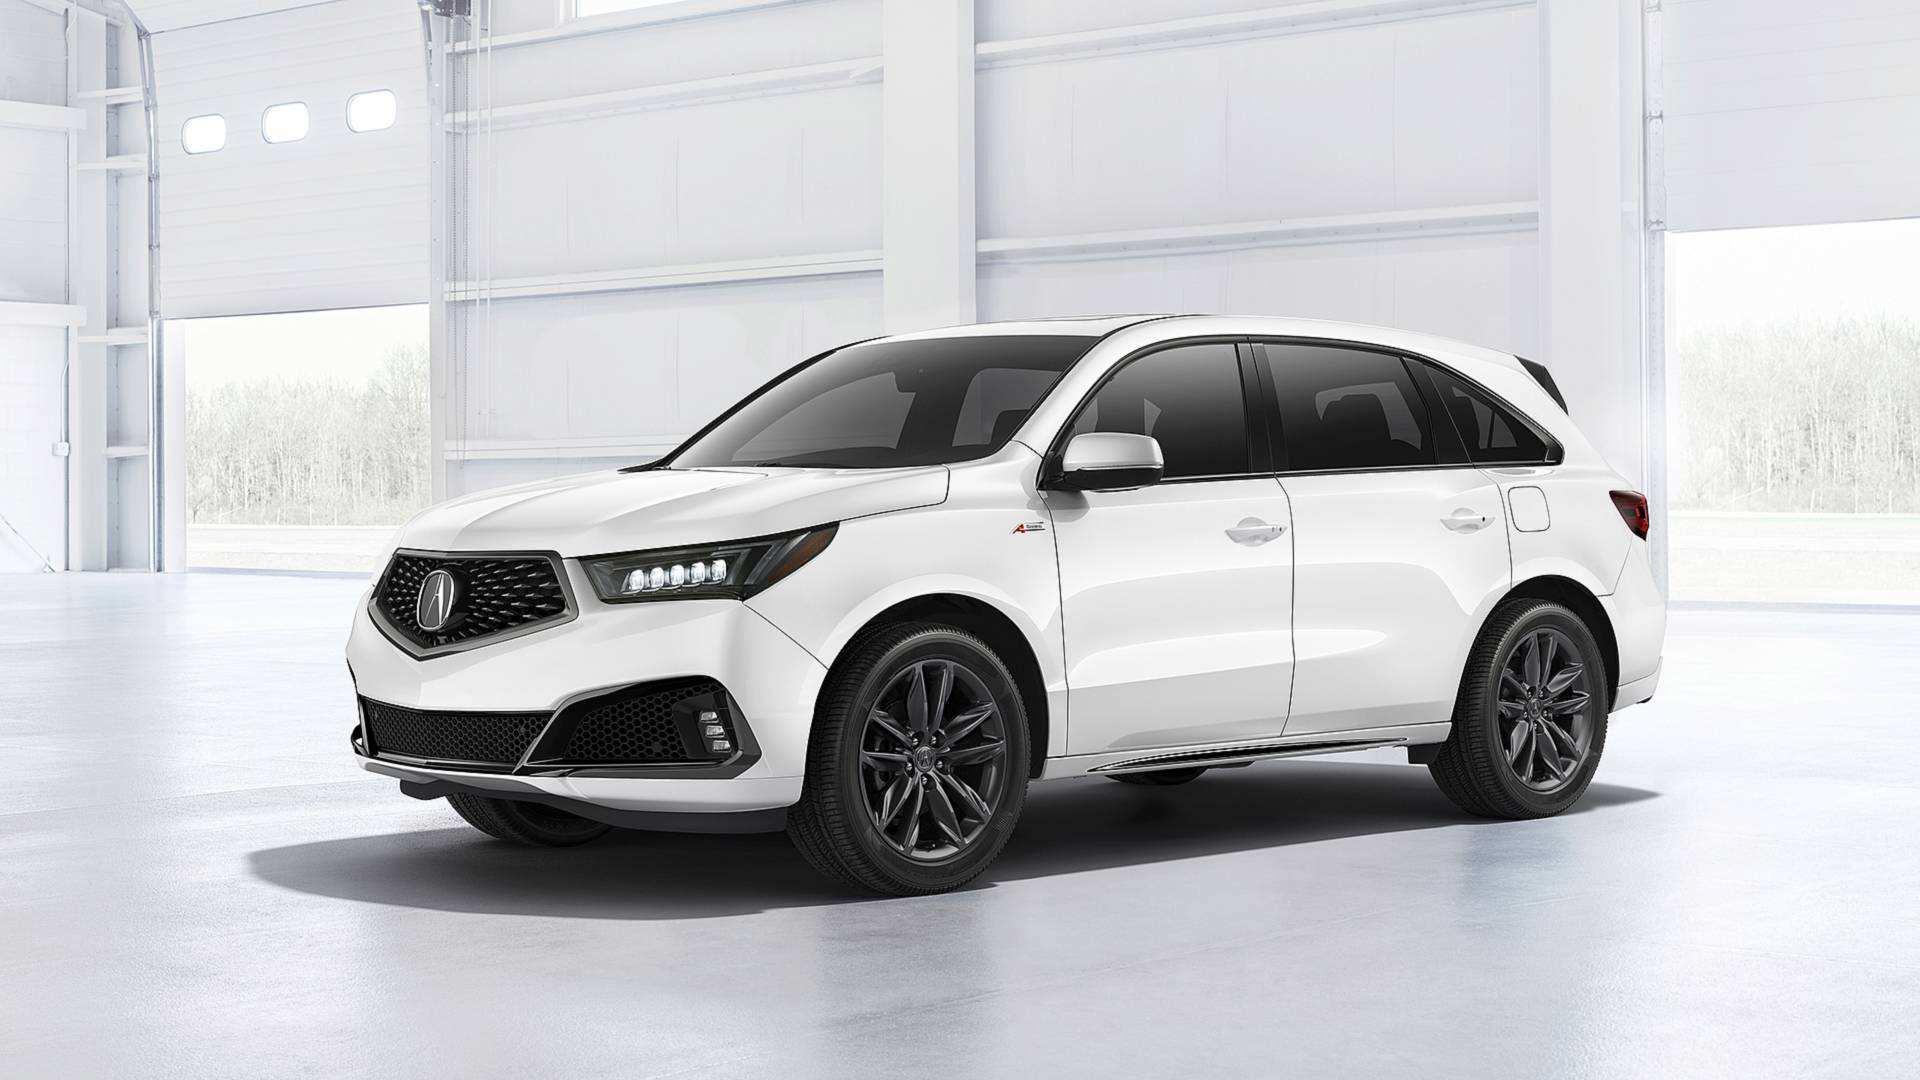 19 The Acura Mdx 2020 Spy Shots Model for Acura Mdx 2020 Spy Shots